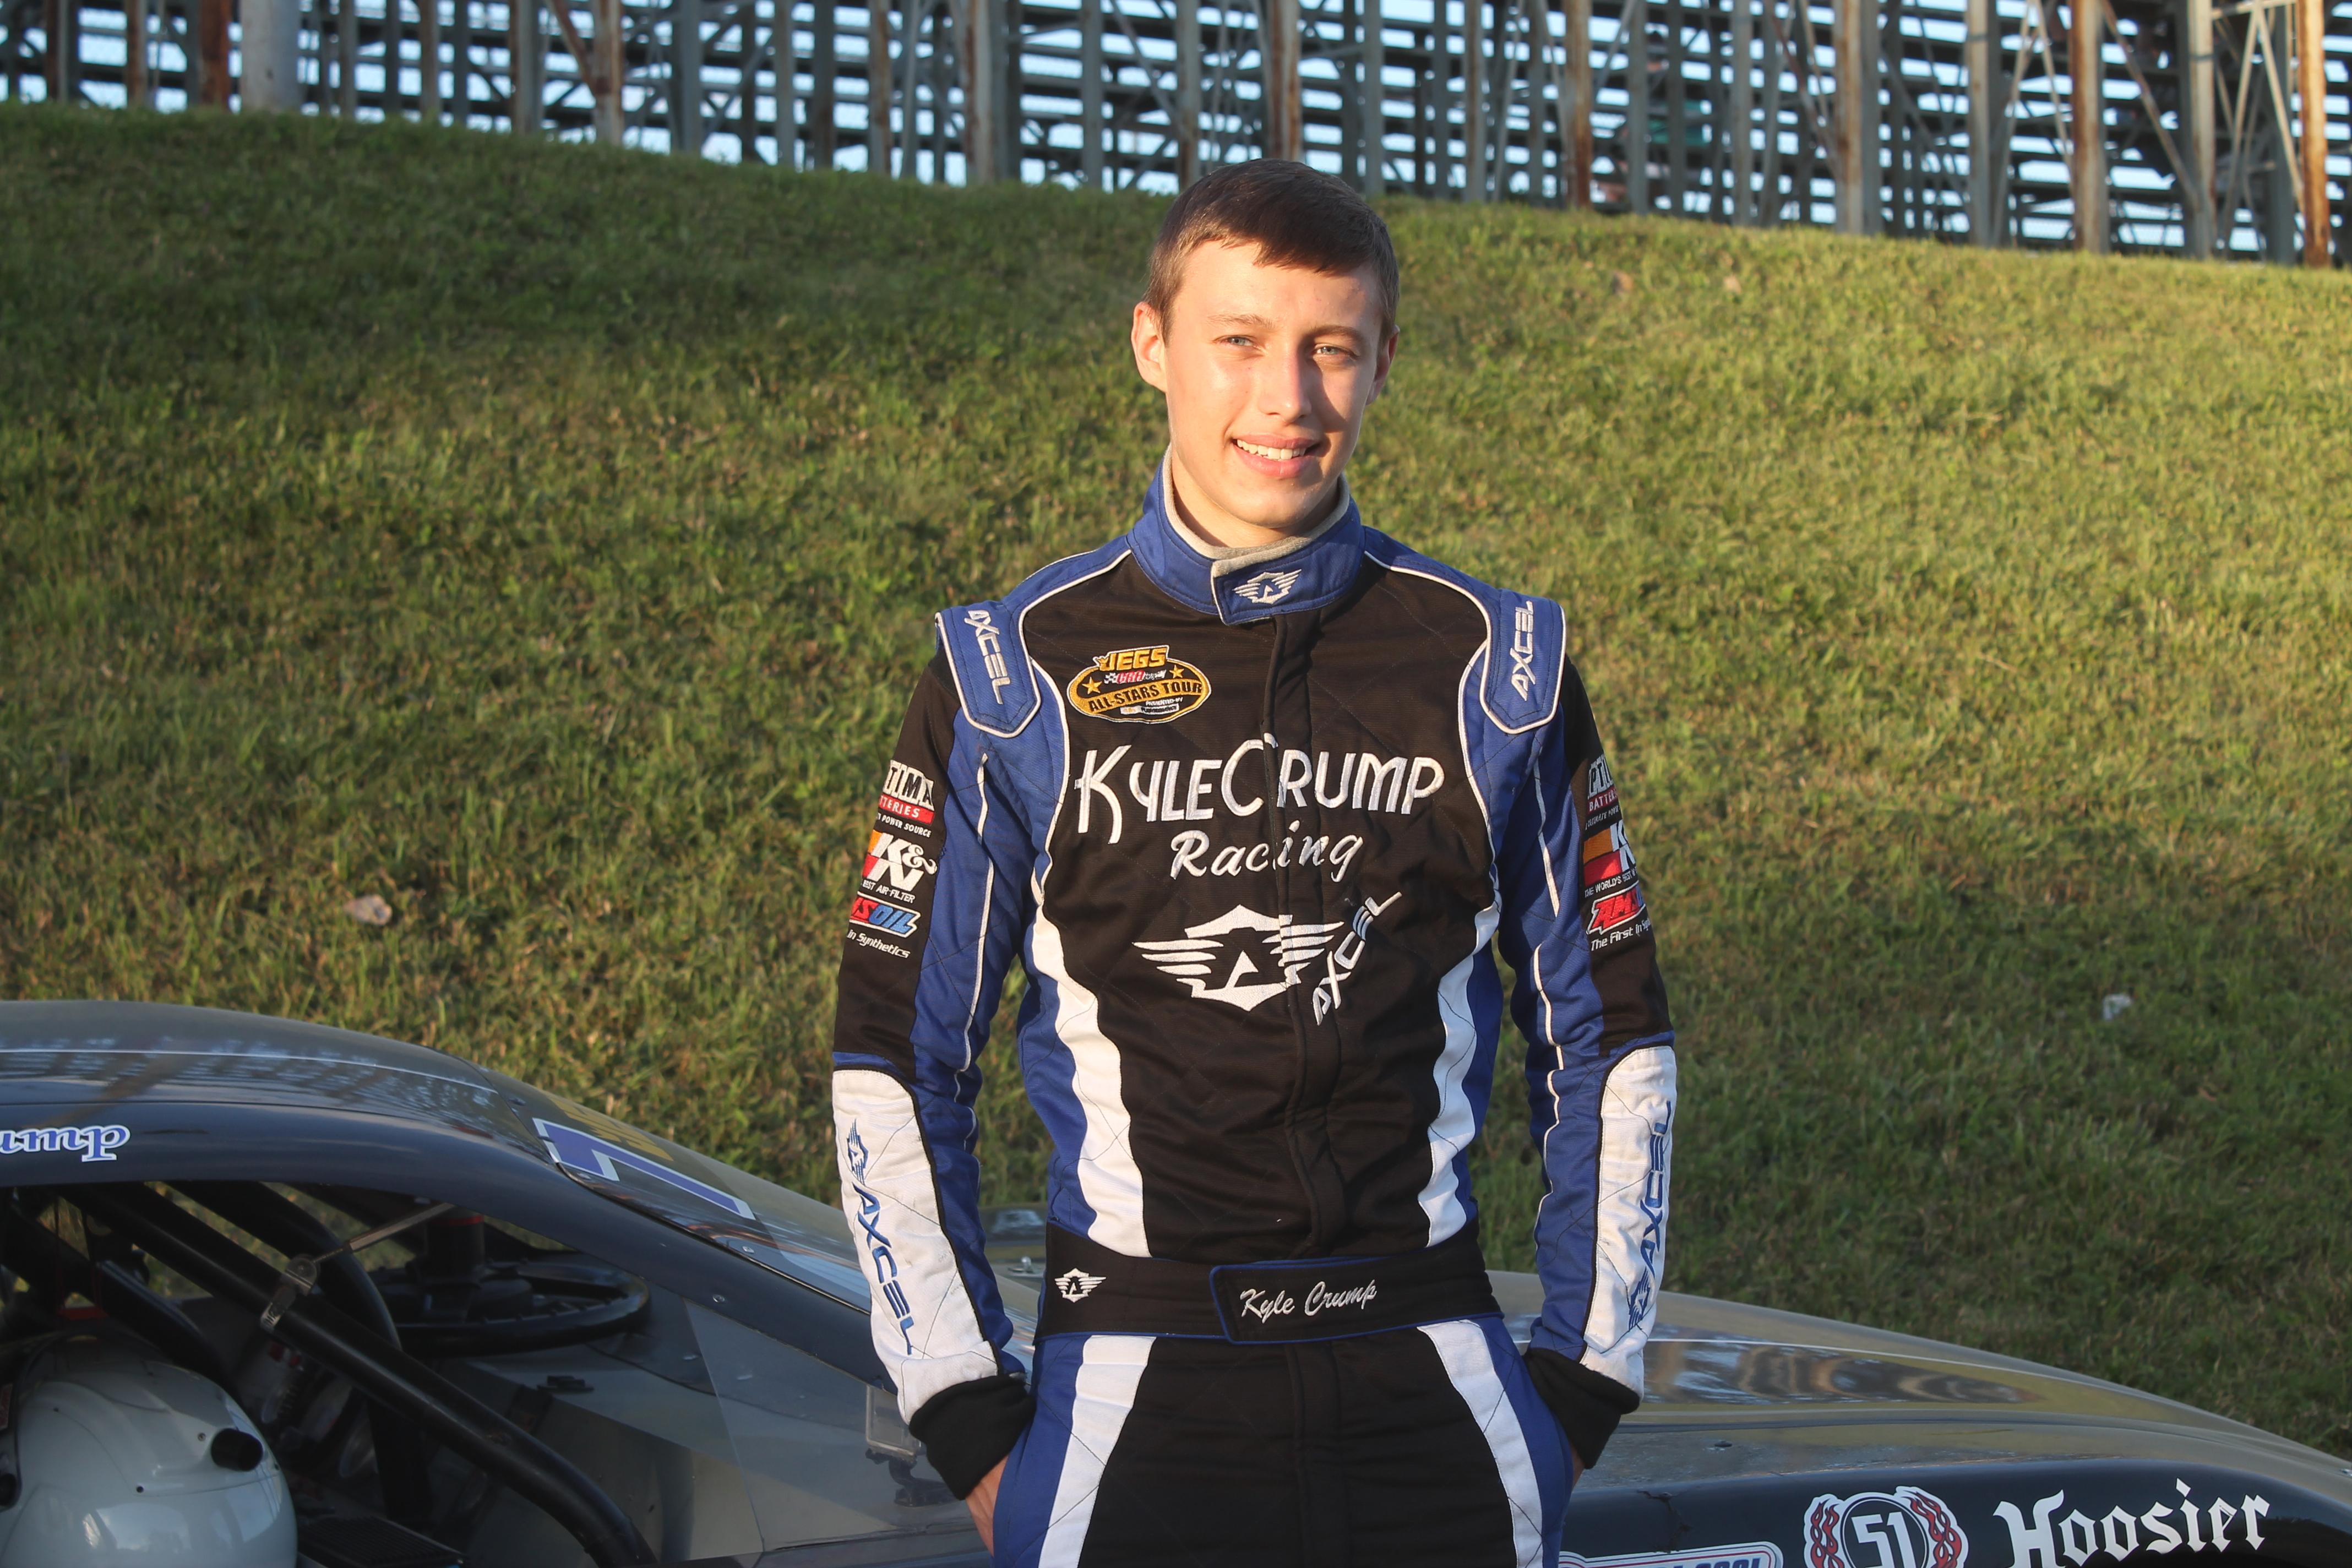 Kyle Crump